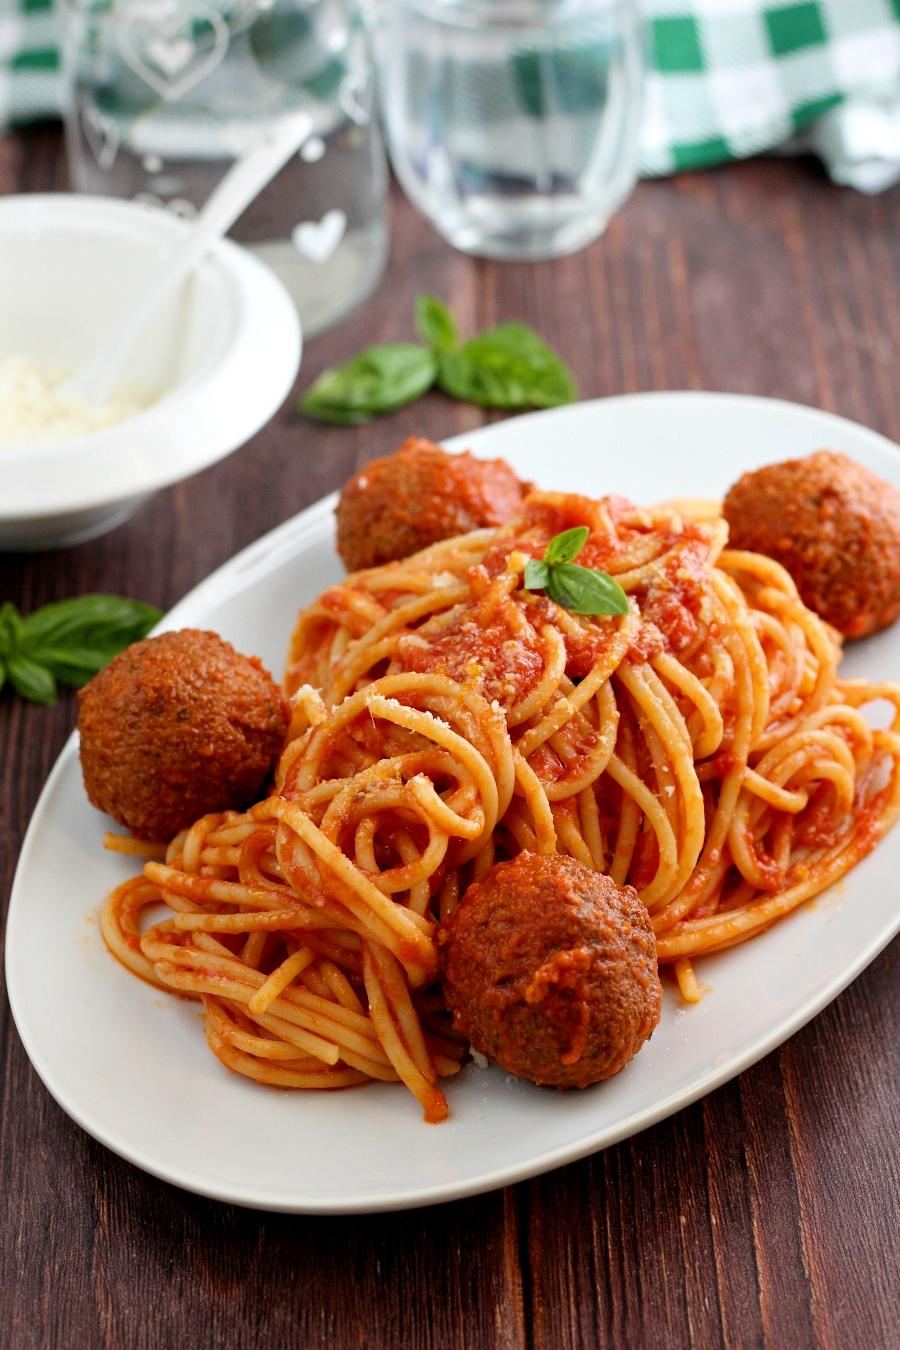 Spaghetti con polpette vegetariane.